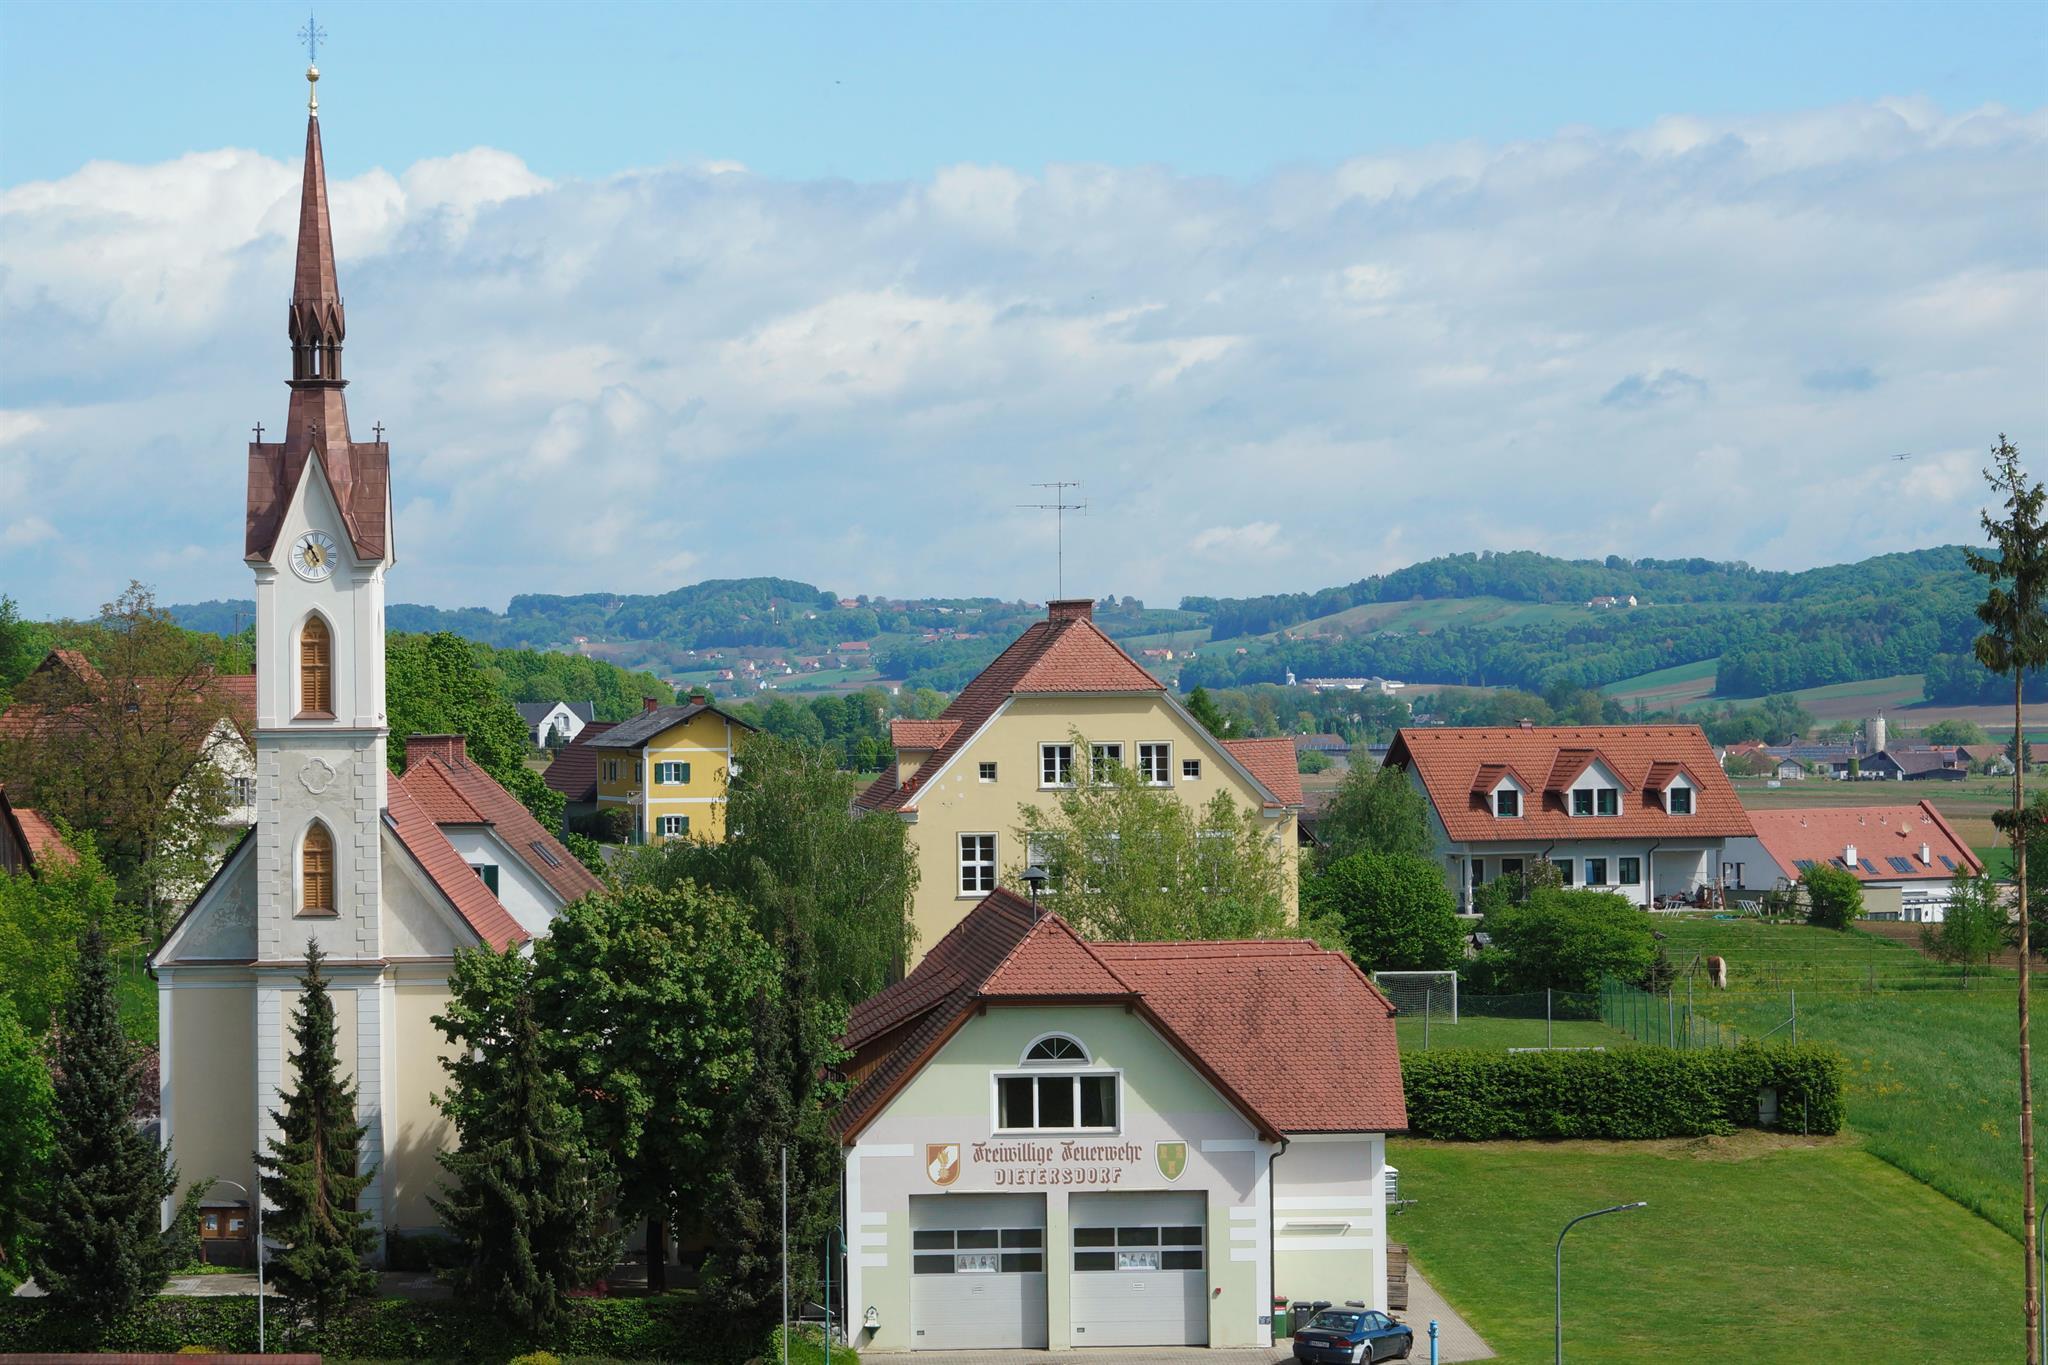 Scharfe Tage bei Trachten Trummer in Dietersdorf - Bad